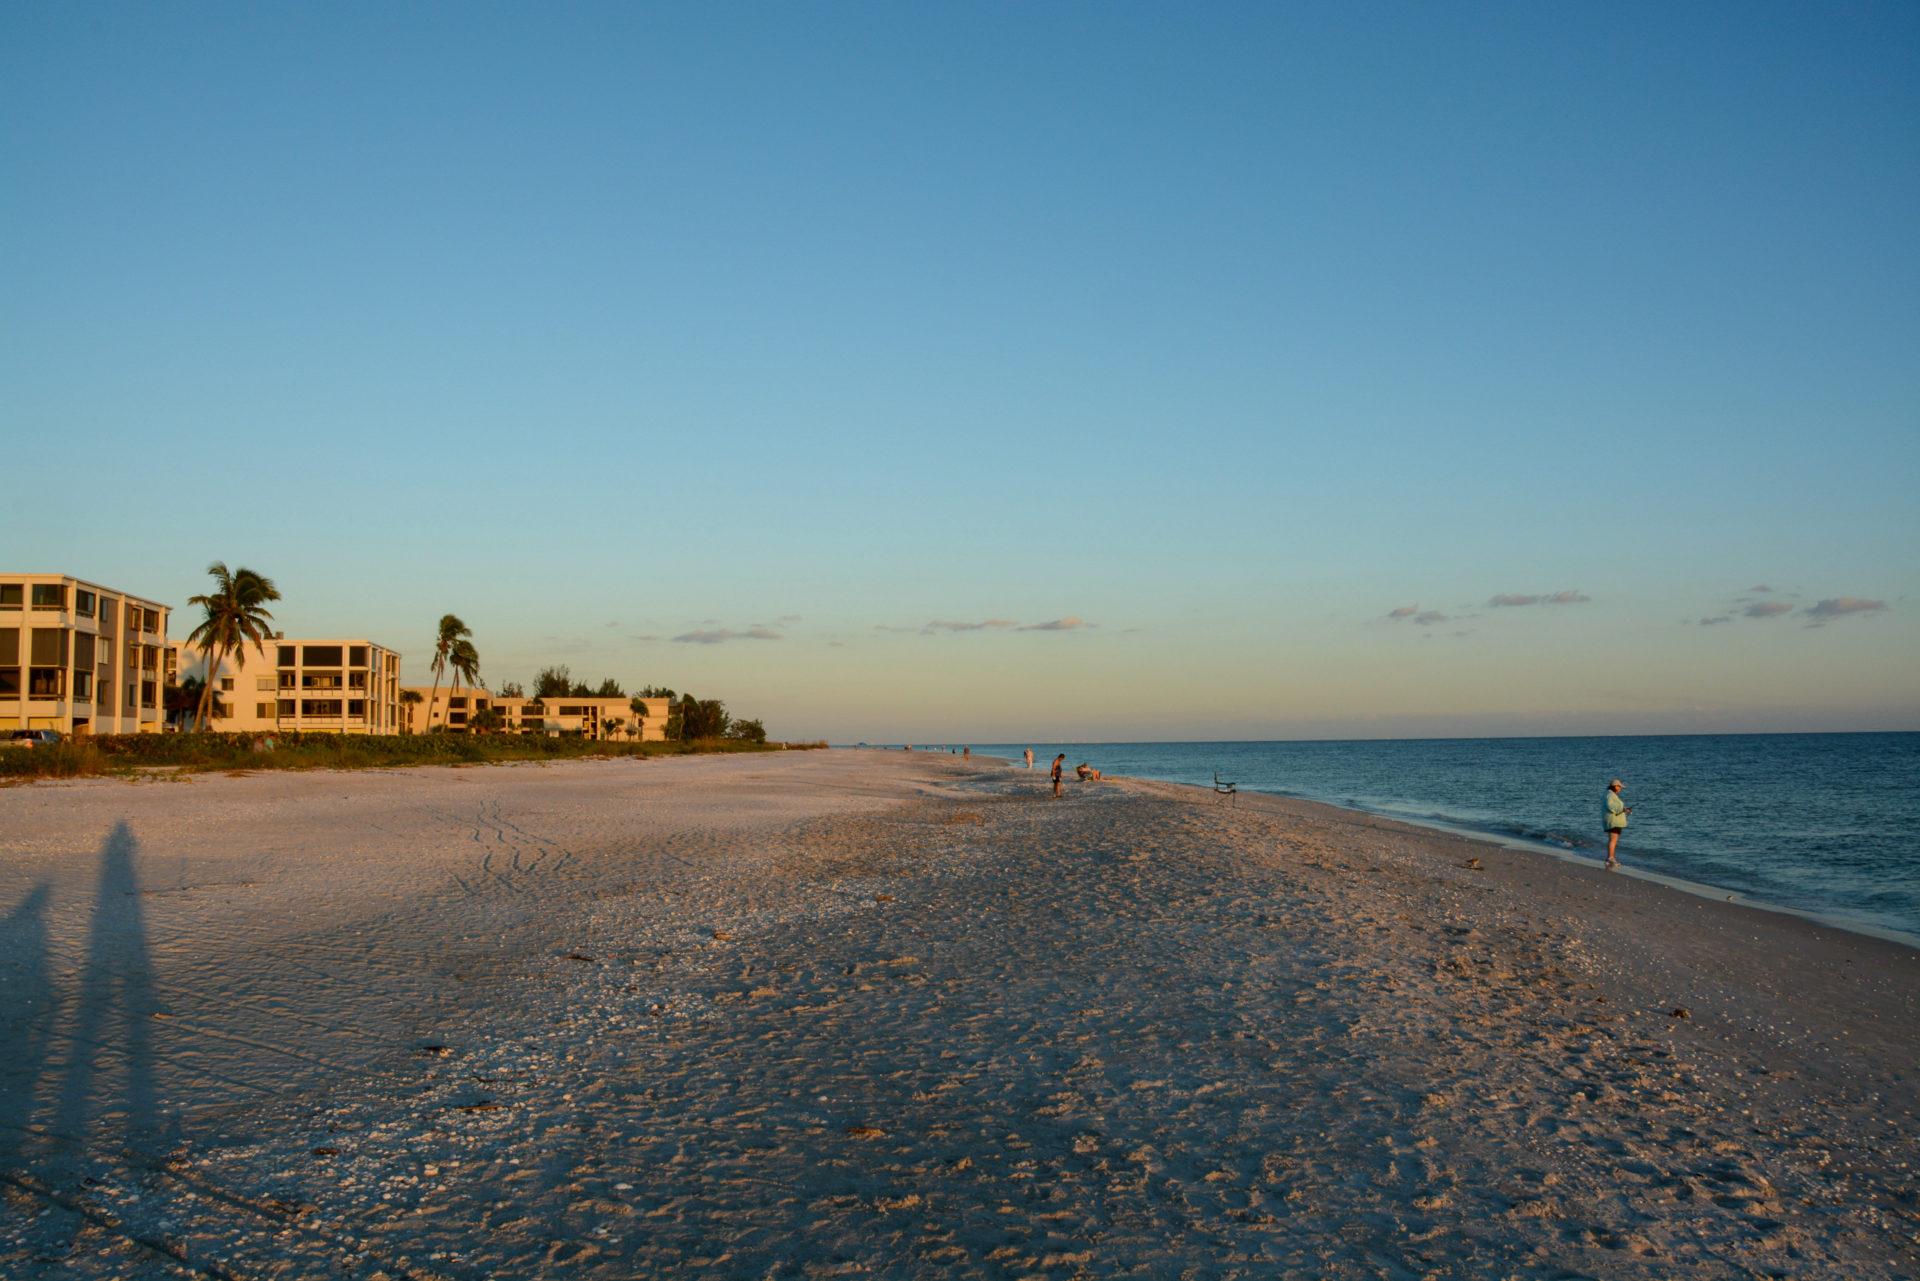 Sonnenuntergang auf Sanibel Island in Florida mit langen Schatten